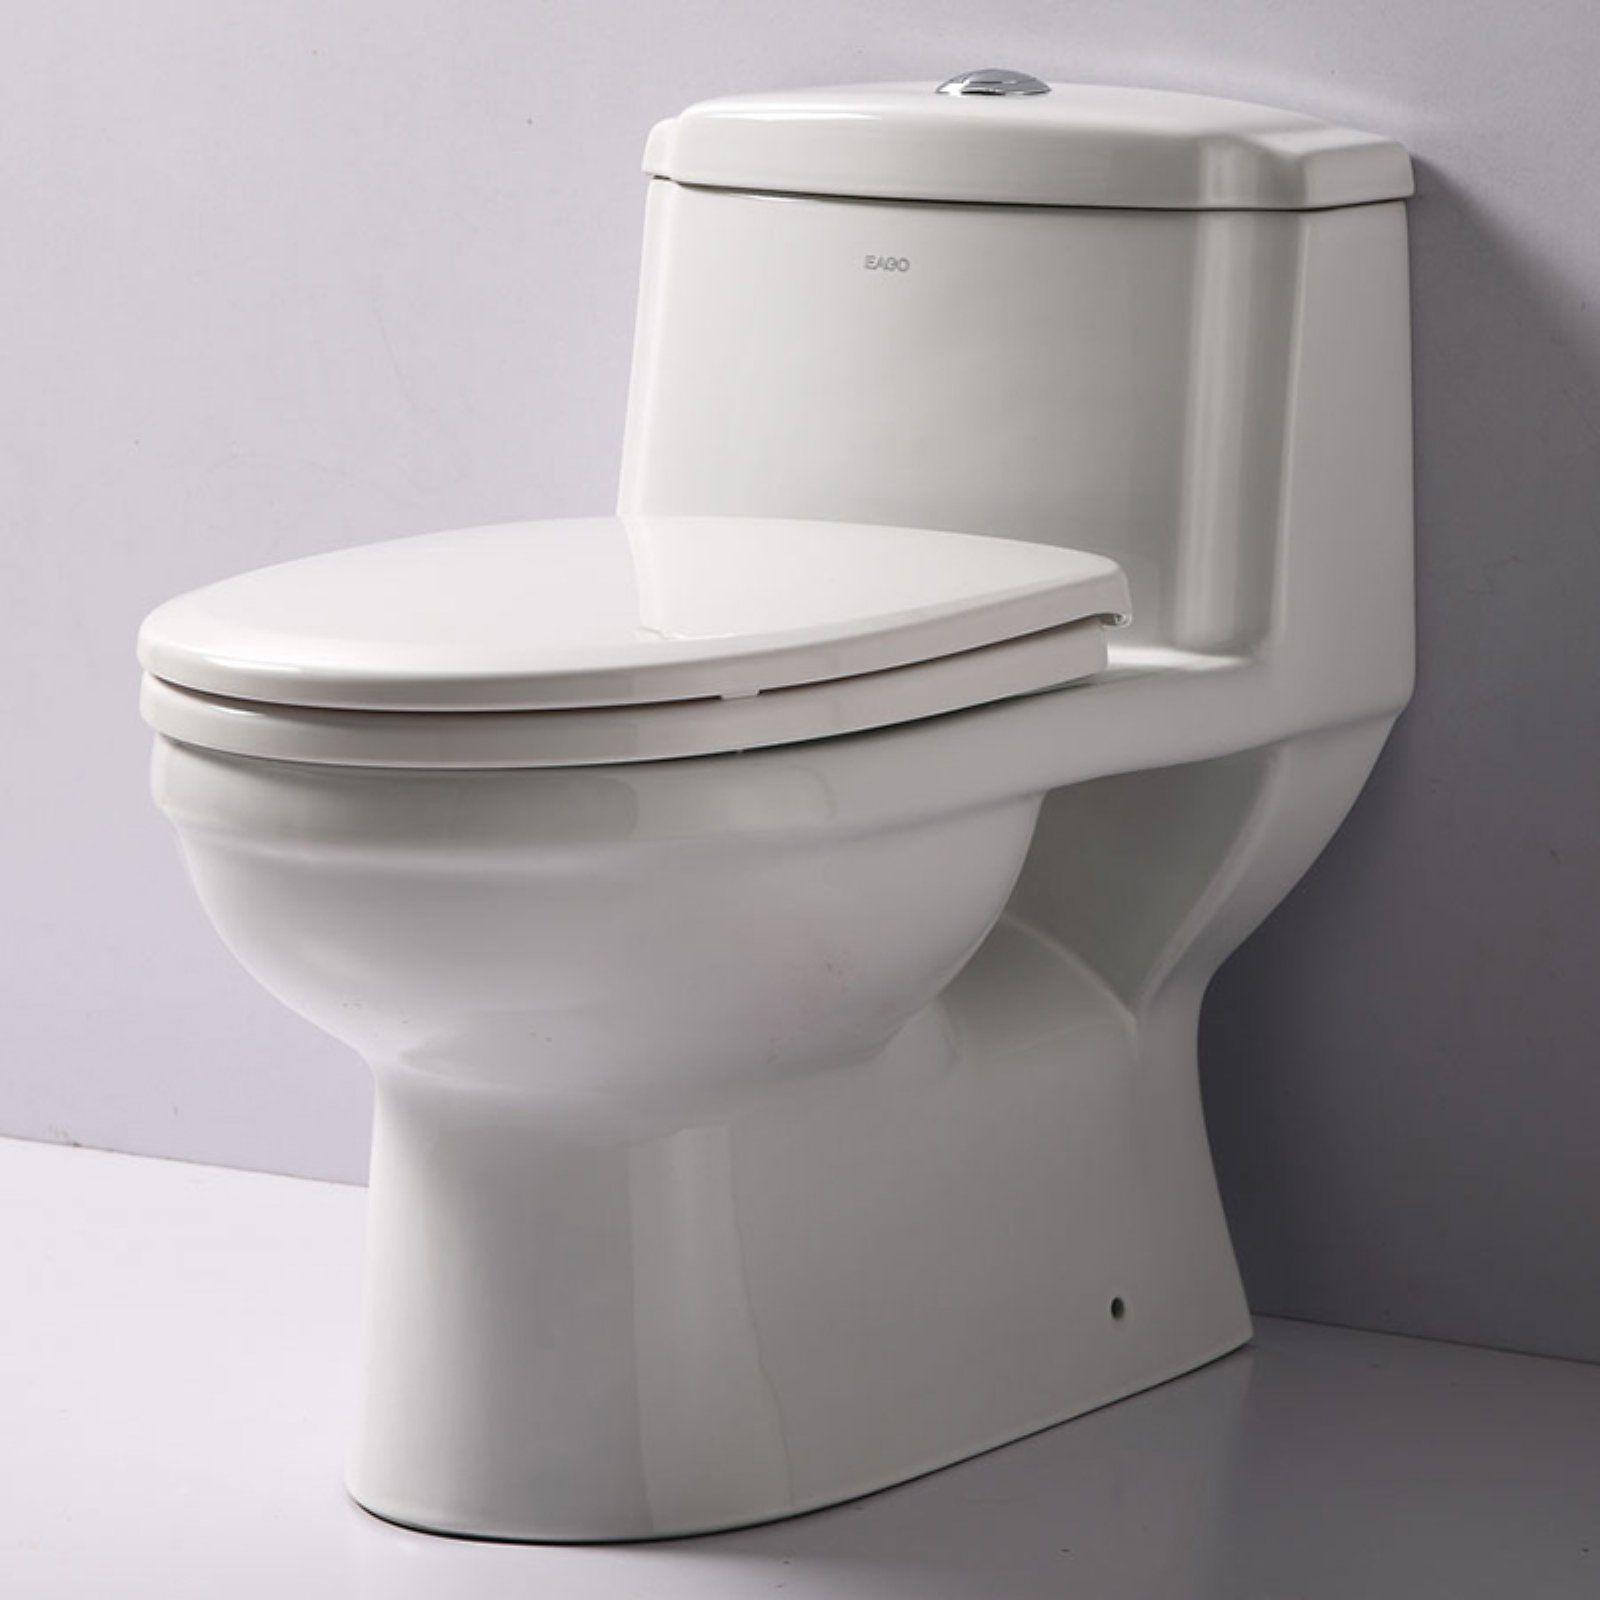 Eago Elongated Toilet Modern Toilet Toilet Design Toilet